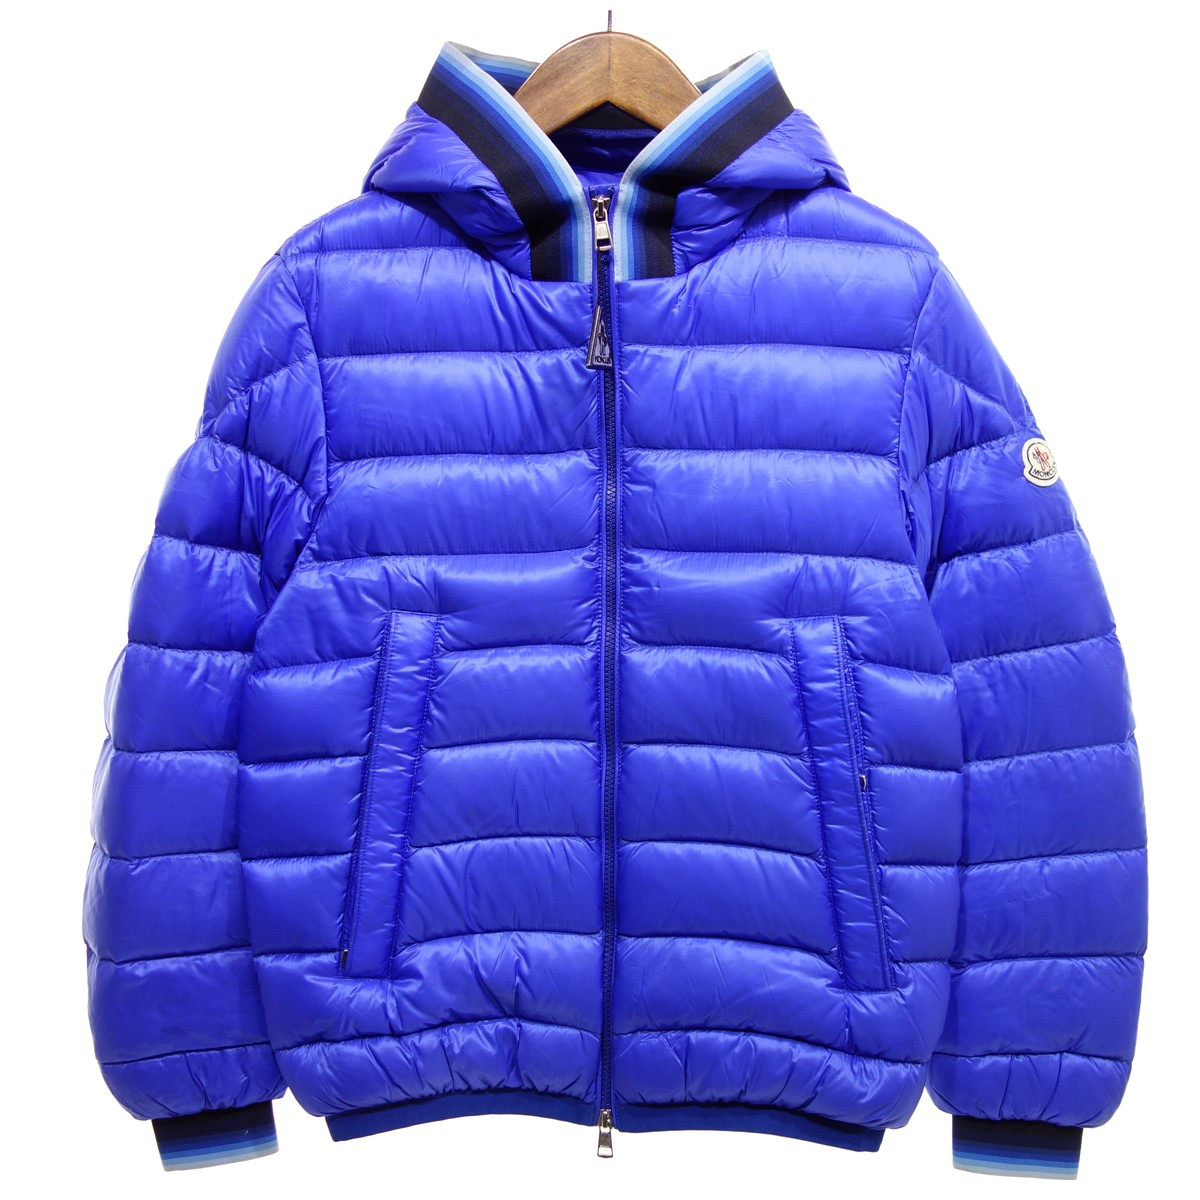 【中古】MONCLER AVRIEUX ダウンジャケット ブルー サイズ:1 【041219】(モンクレール)